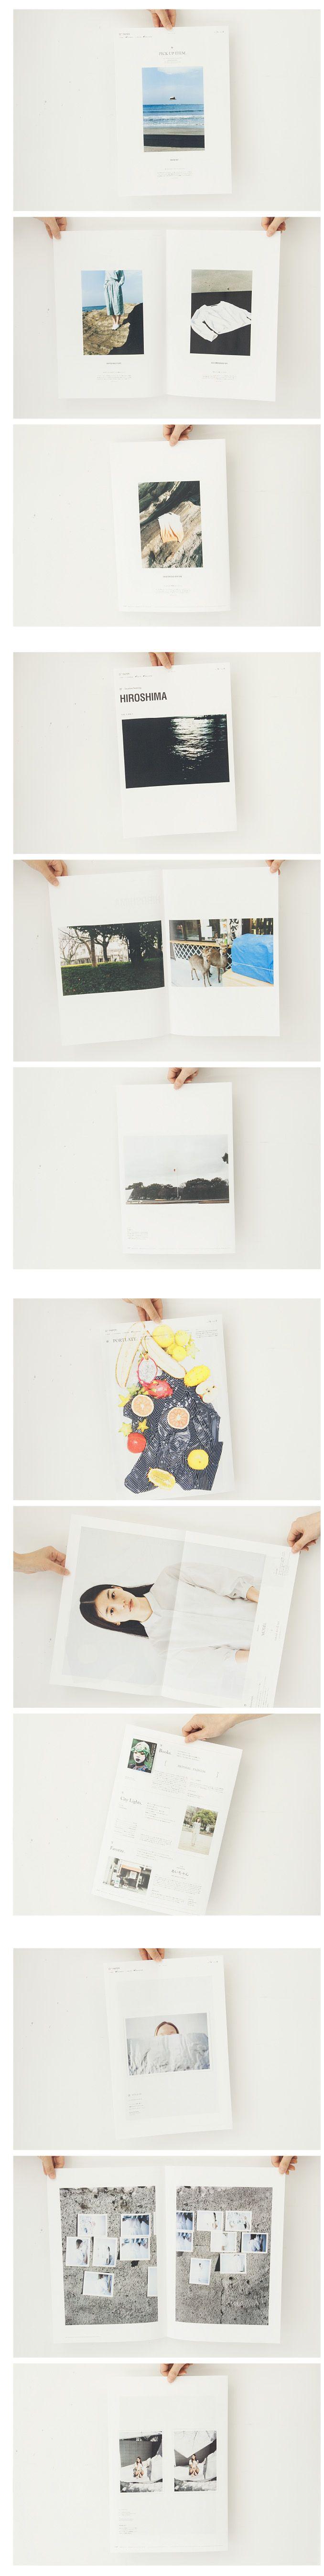 KBF PAPER vol.14 week_5 / 6 / 7 / 8